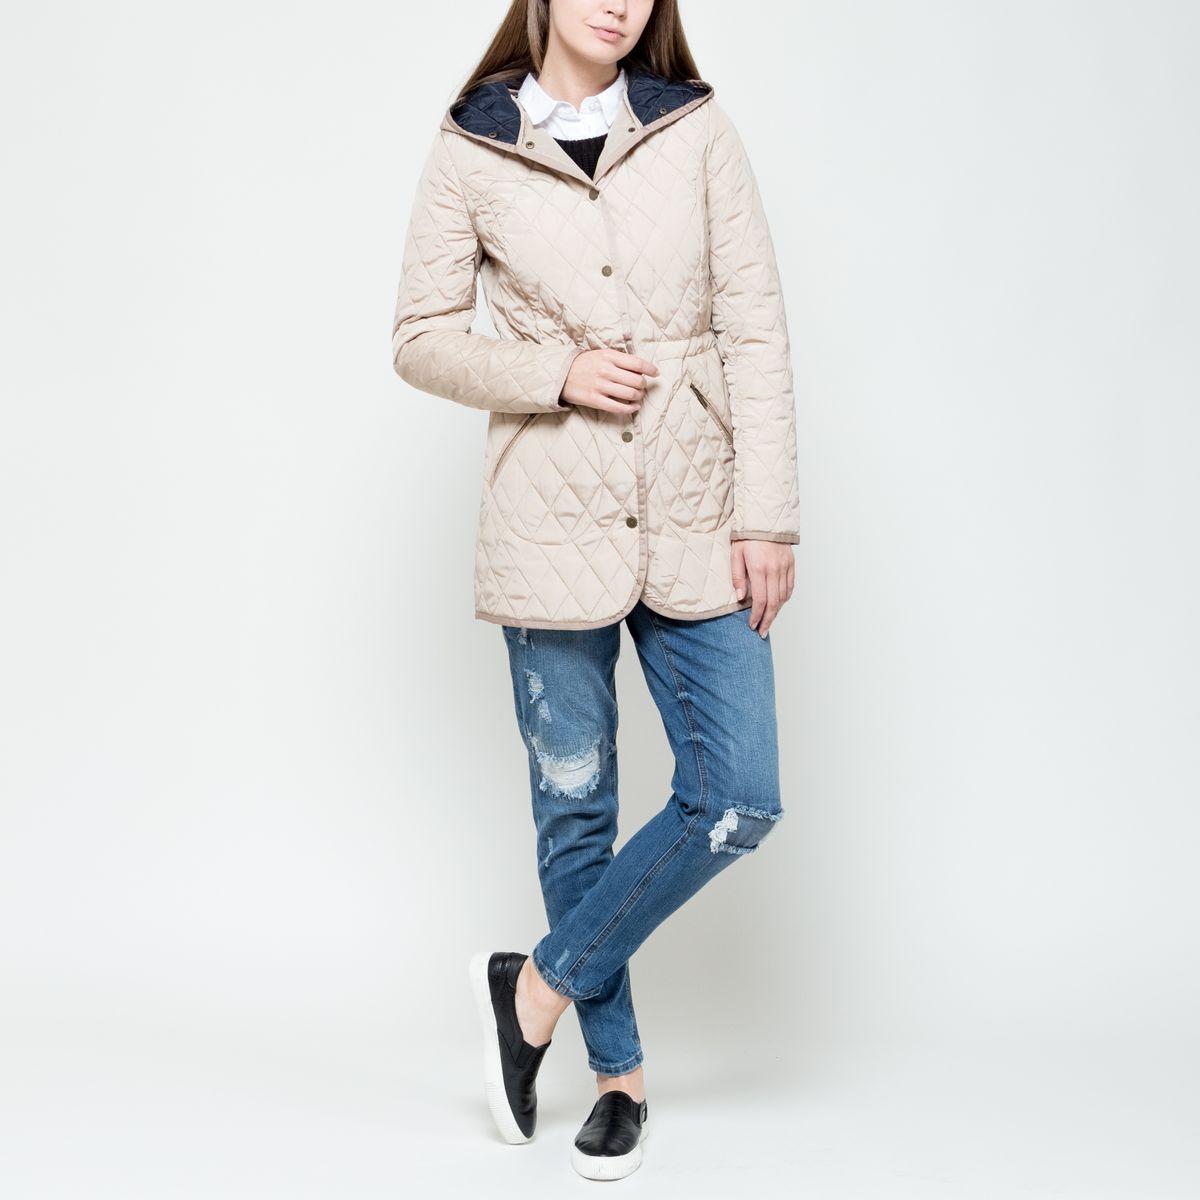 Куртка женская Sela, цвет: светло-бежевый. CpQ-126/693-6331. Размер M (46)